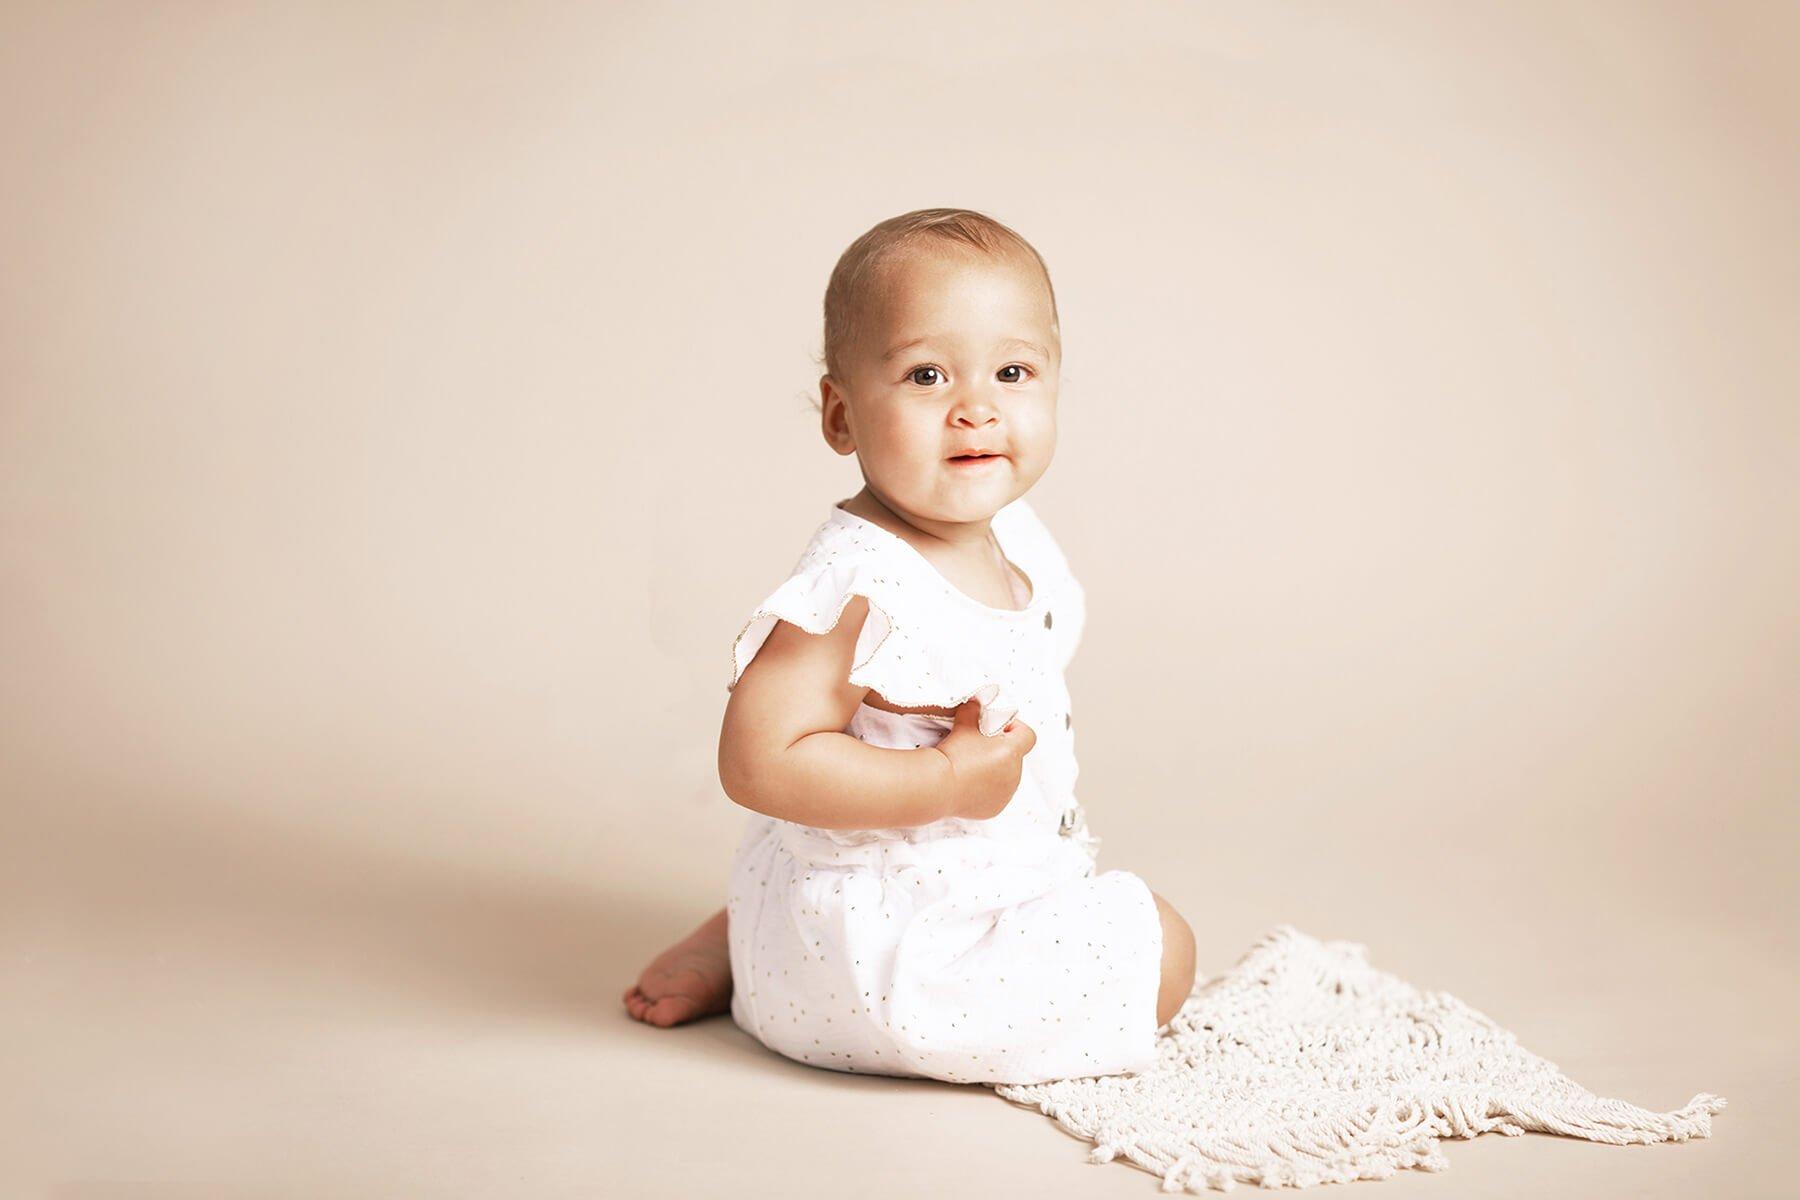 séance photo grand bébé 6-9 mois quand bébé se tiens assis Photographe Nord-Isère proche Lyon